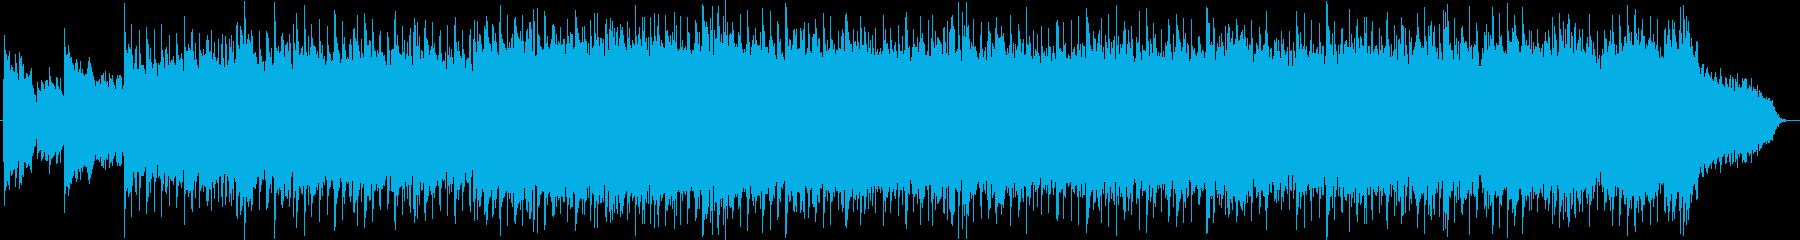 ベル系シンセのキラキラ系ポップスの再生済みの波形